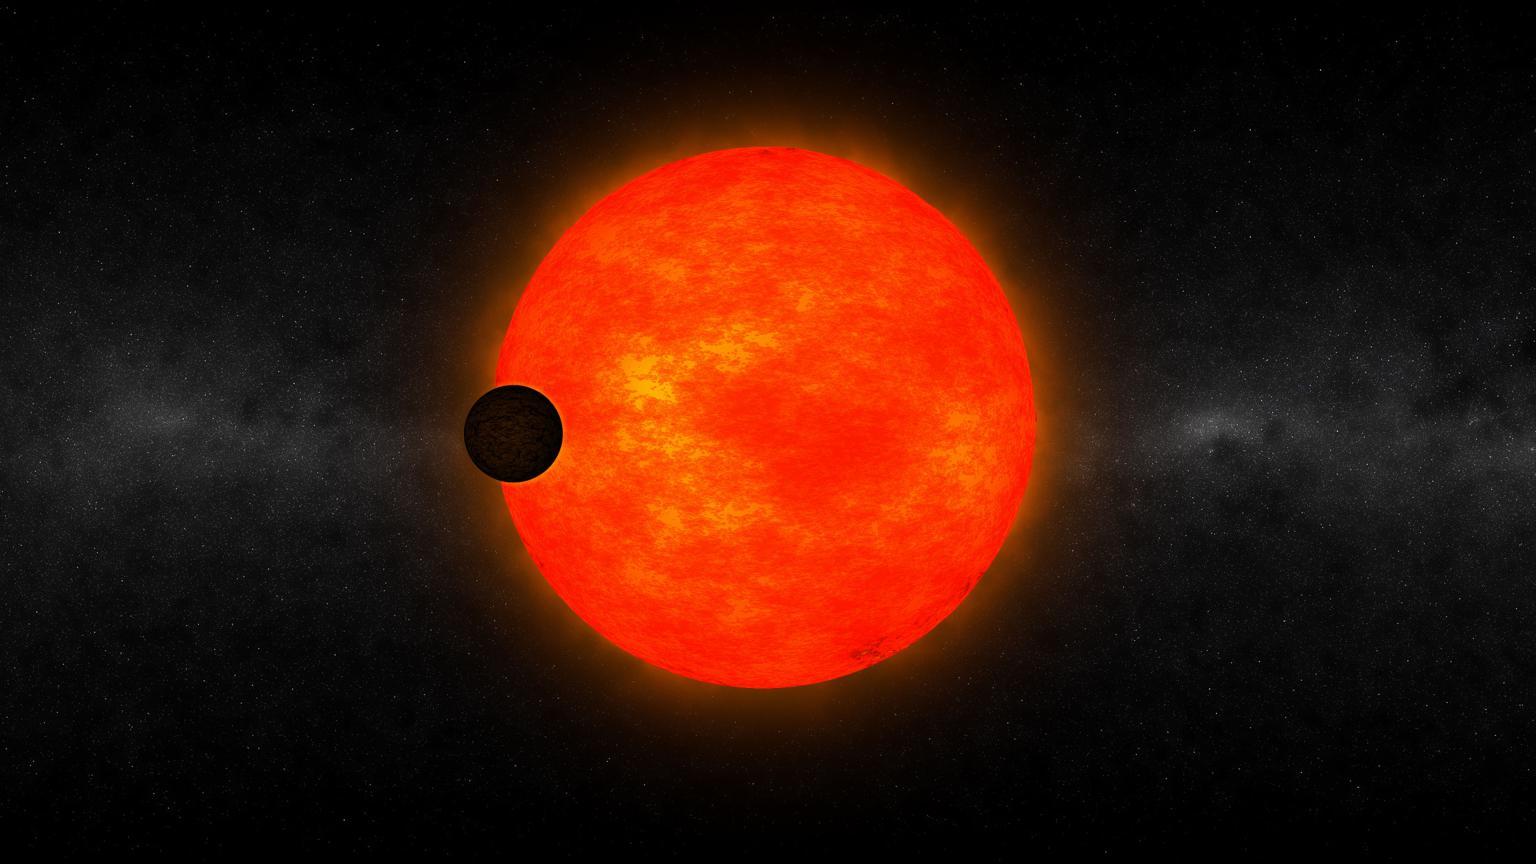 Conceito artístico da estrela HATS-6 e do exoplaneta HATS-6b.